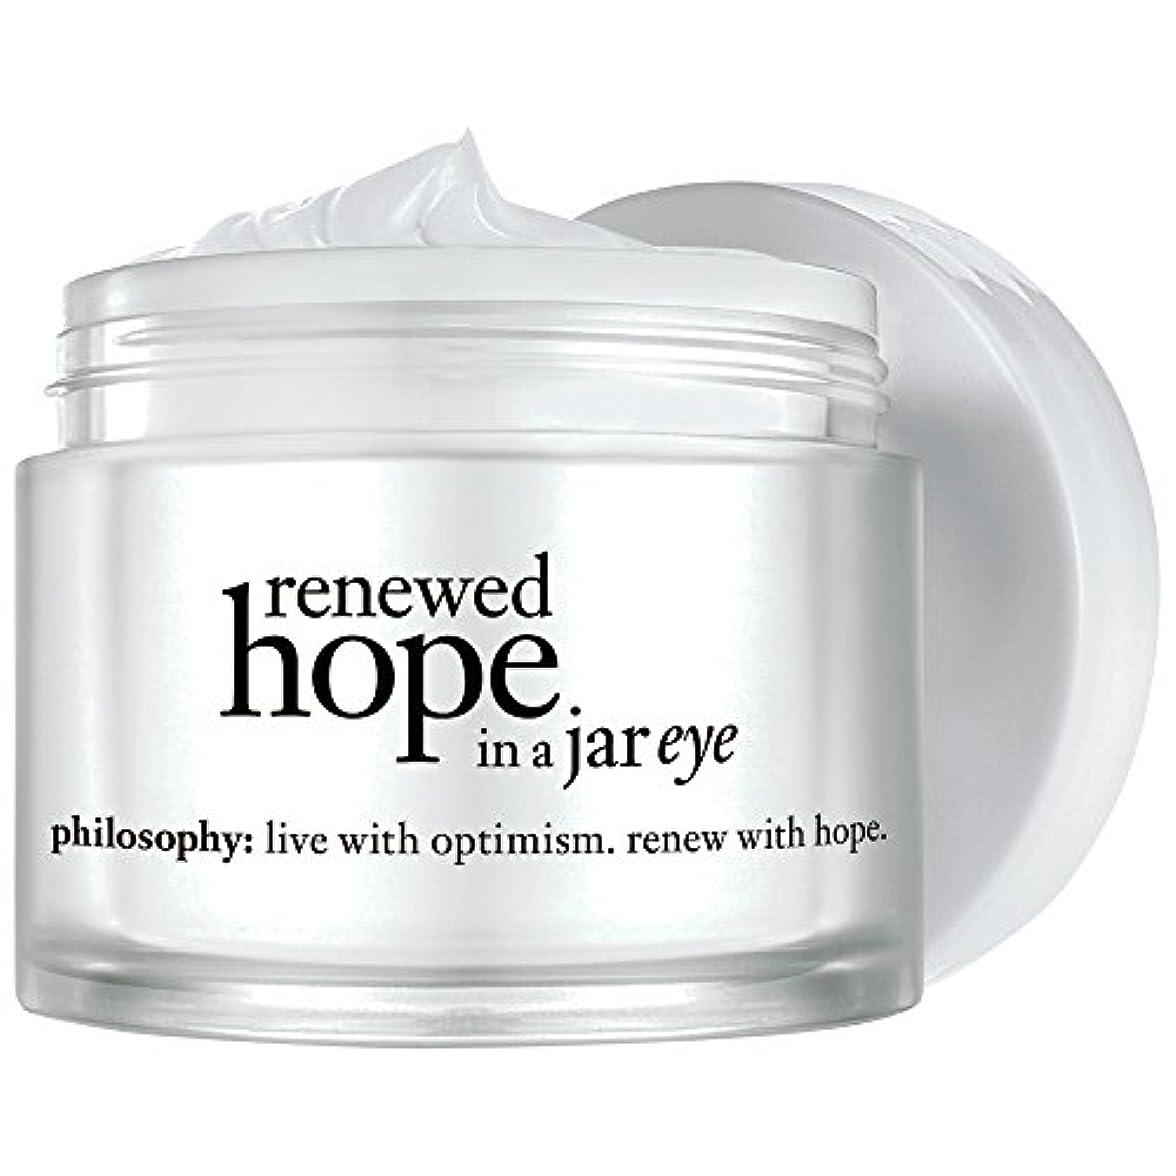 シンポジウム欠席電気哲学リニューアル目の希望15ミリリットル (Philosophy) - Philosophy Renewed Eye Hope 15ml [並行輸入品]